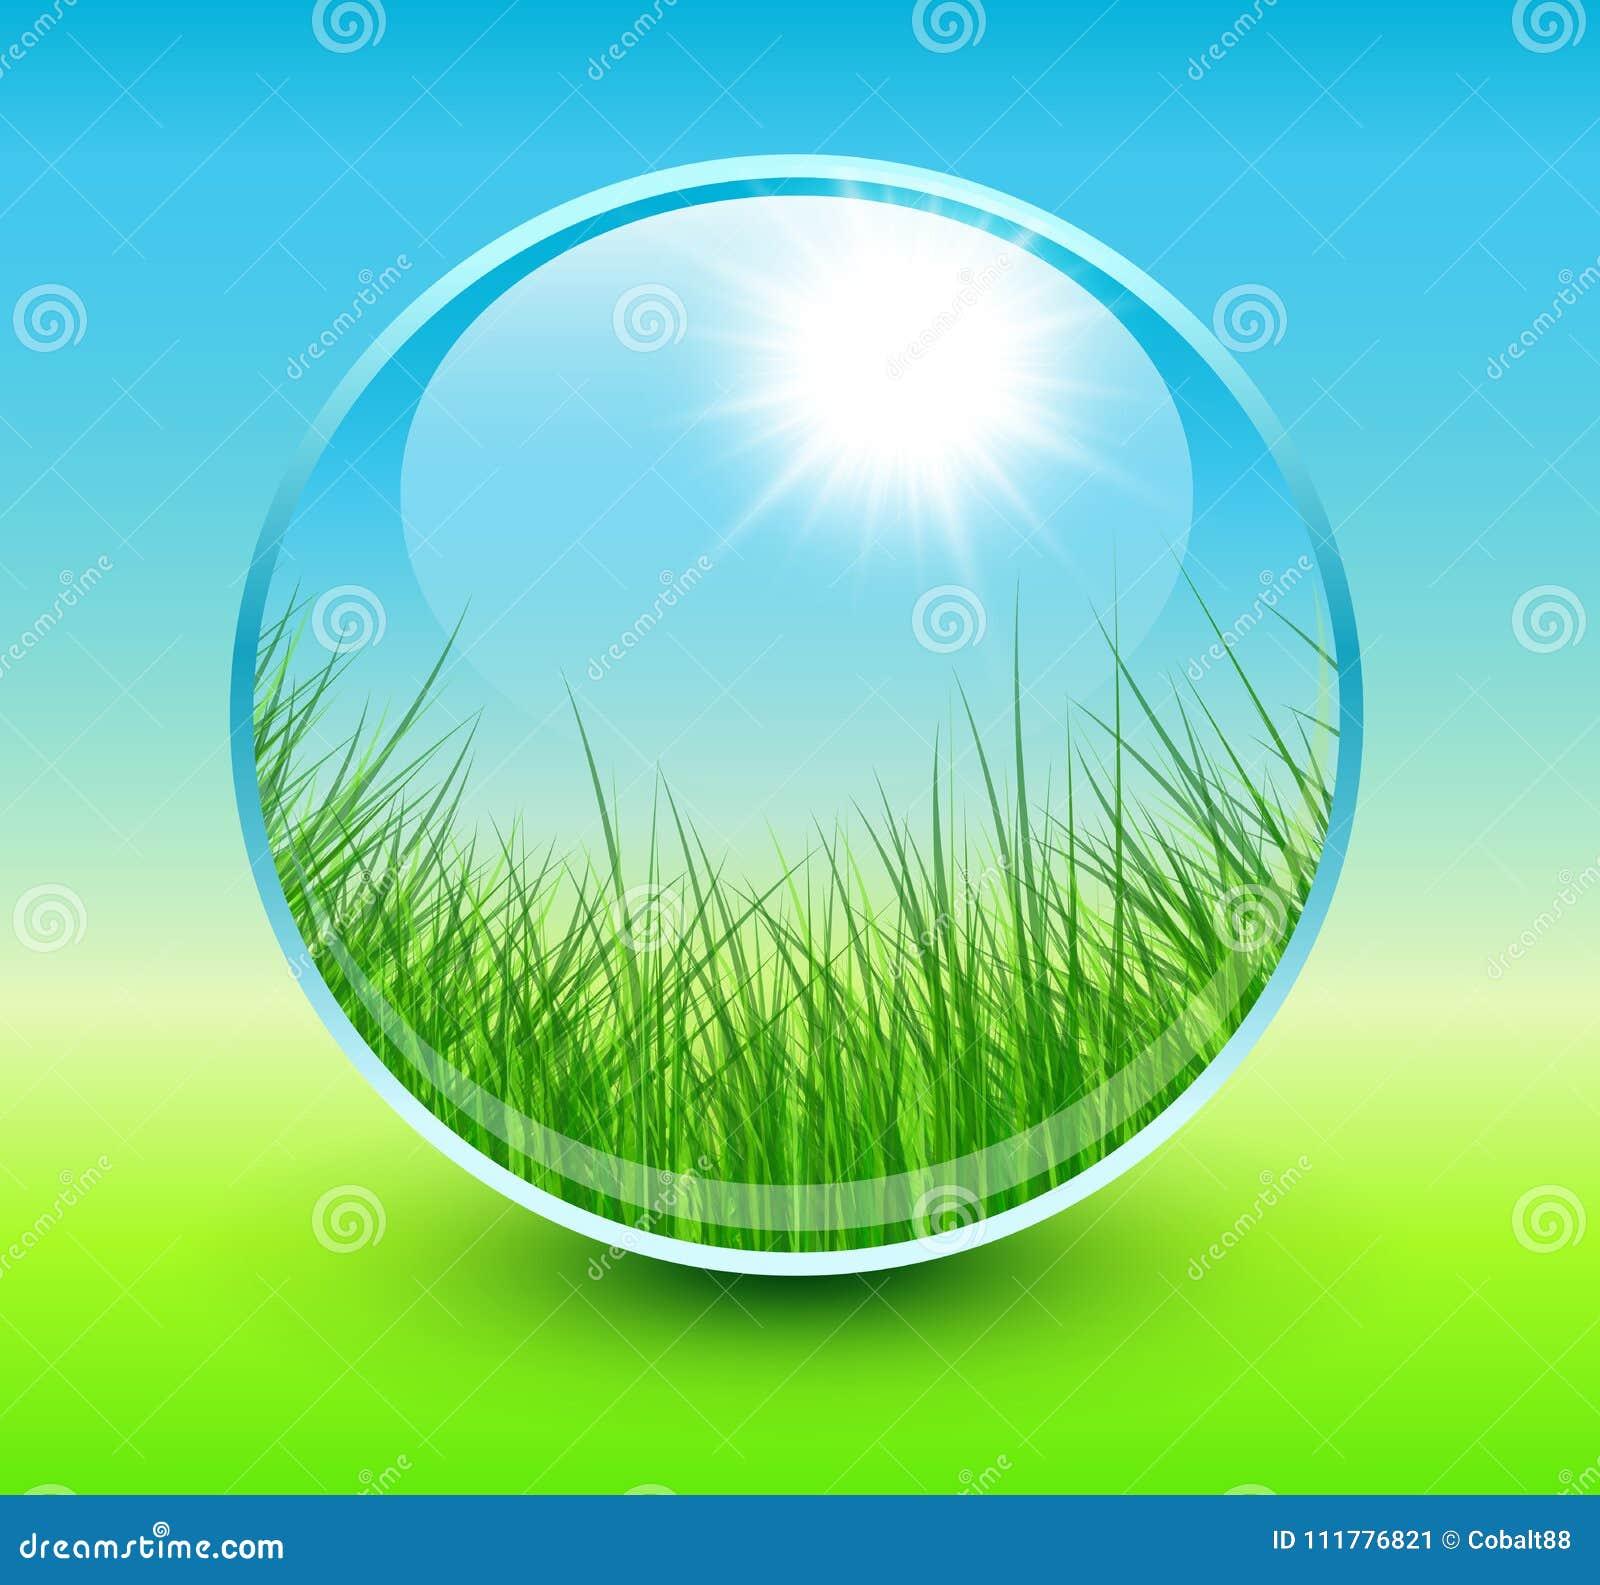 Frühlingshintergrundbereich mit Gras nach innen